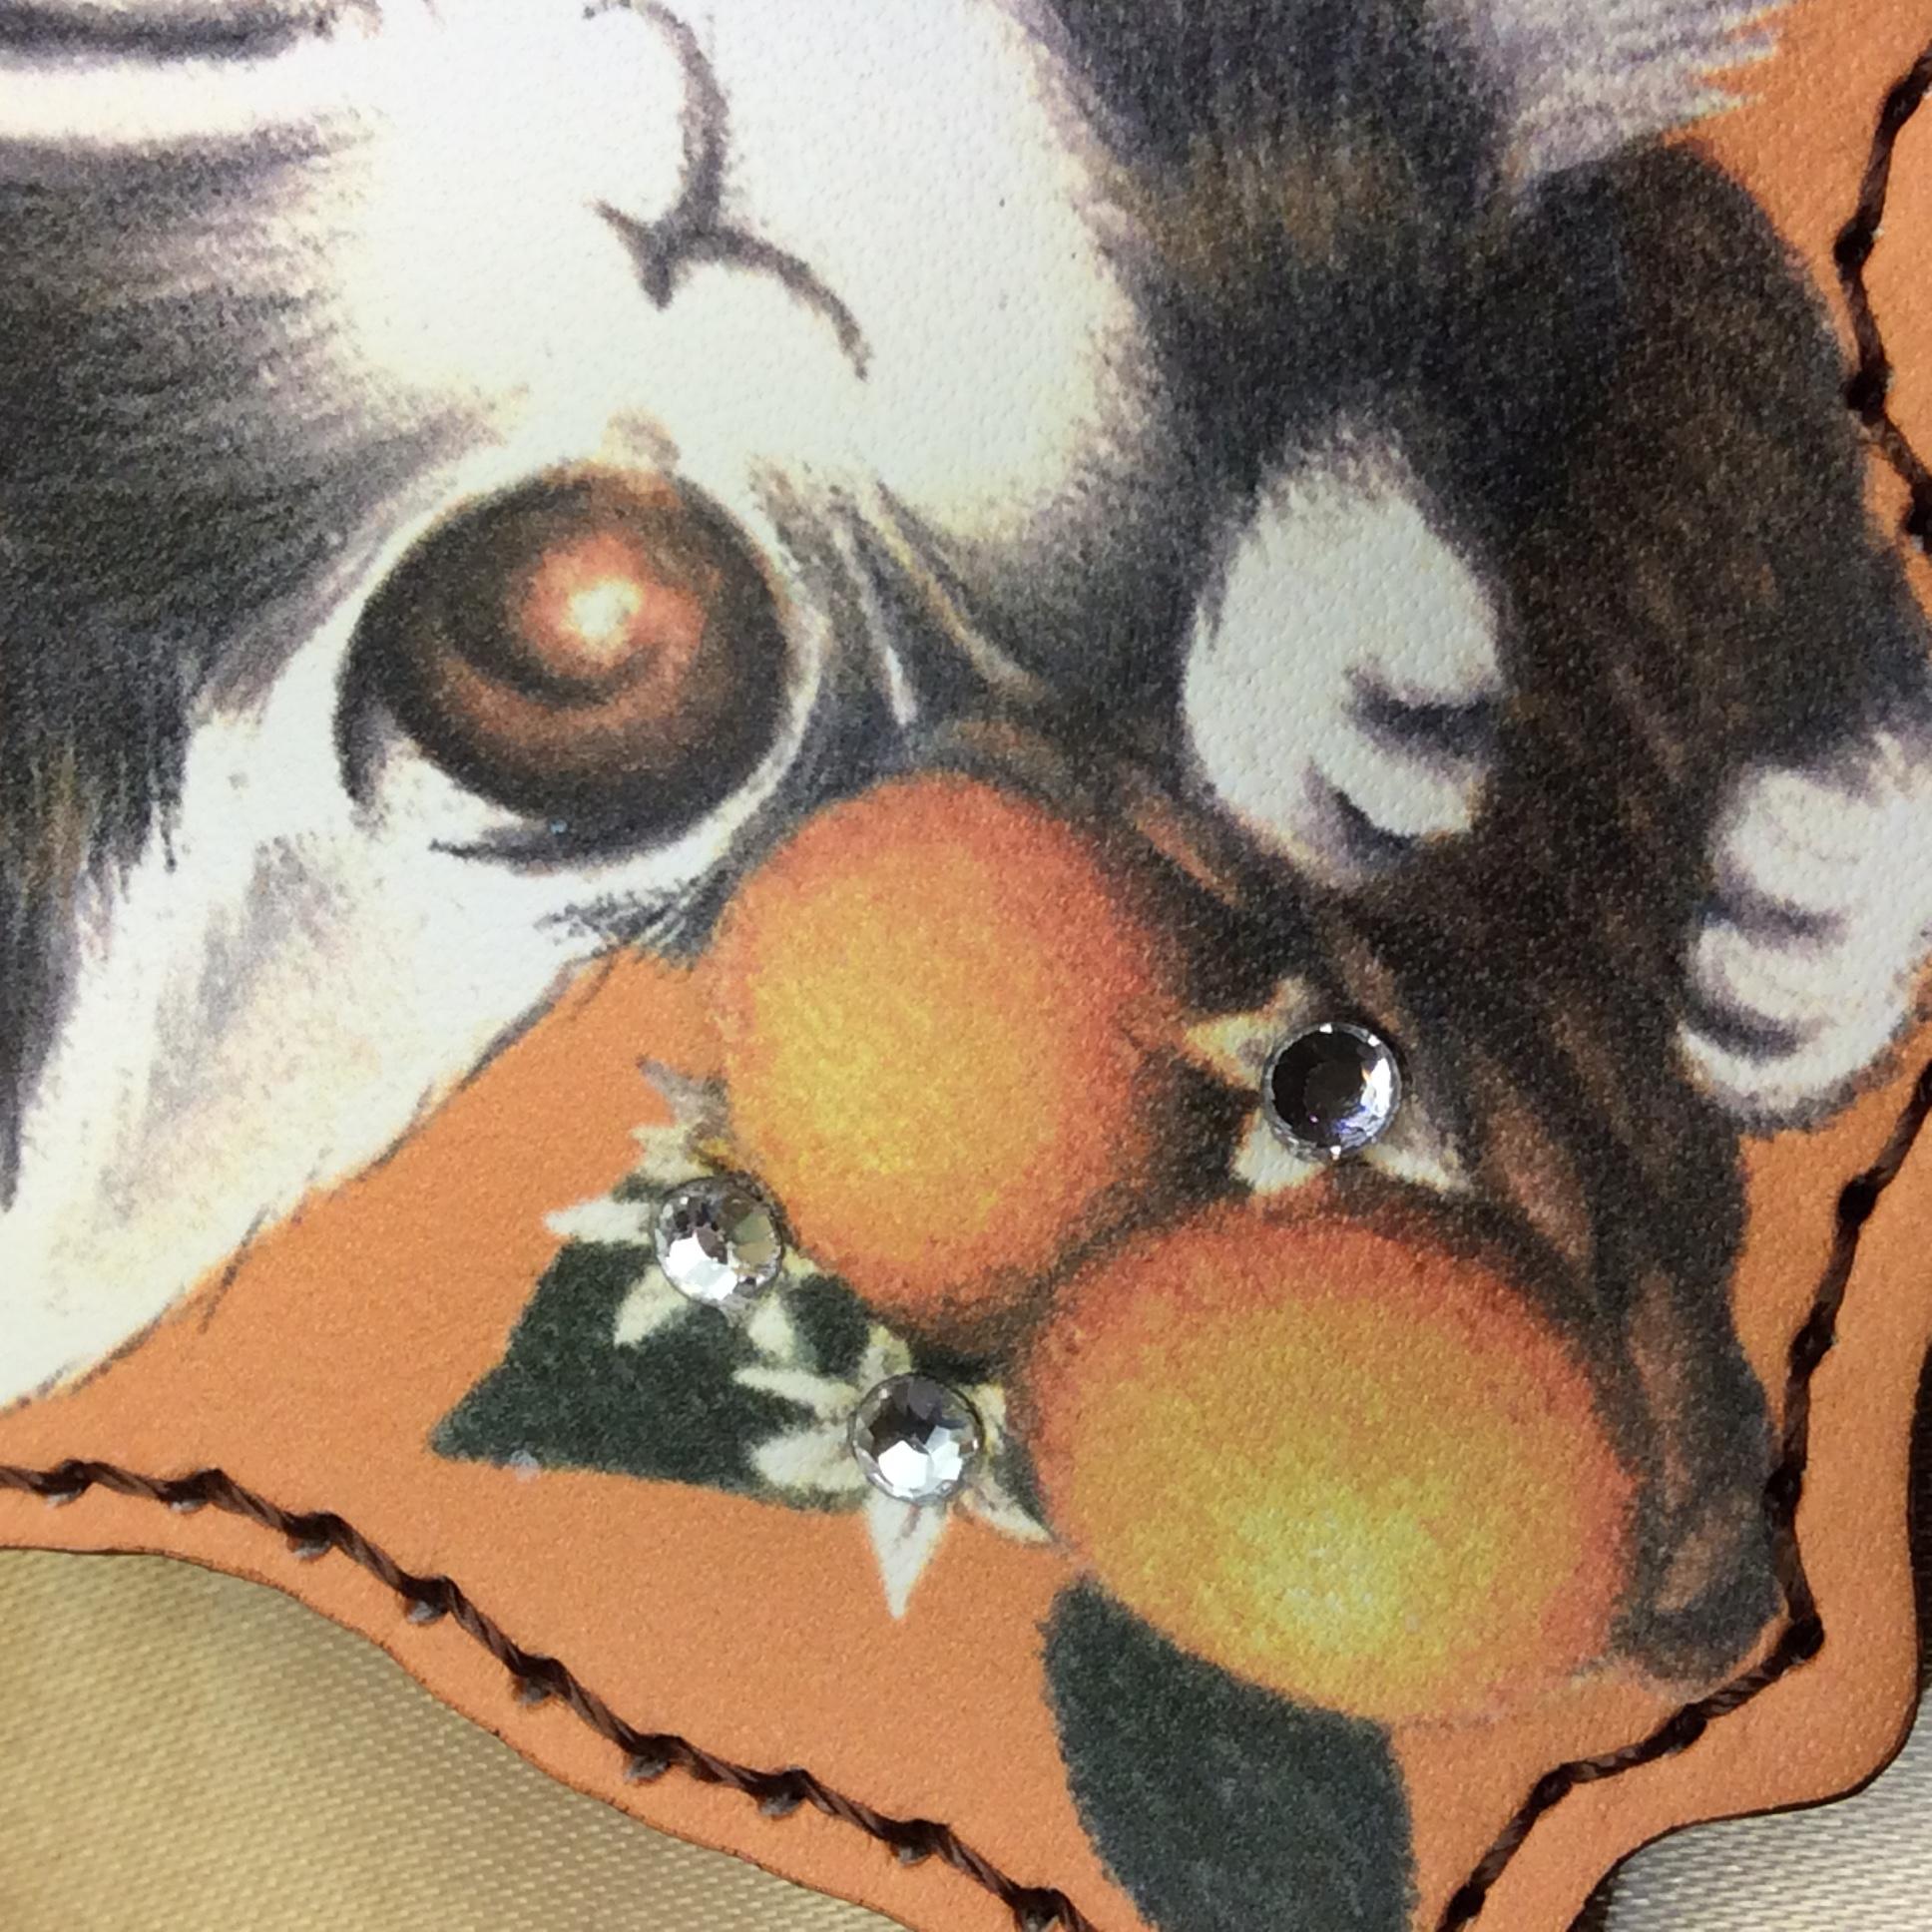 池田あきこ先生のわちふーるどのダヤンの革製キーホルダーエスパーニャスワロフスキー部分のアップの写真